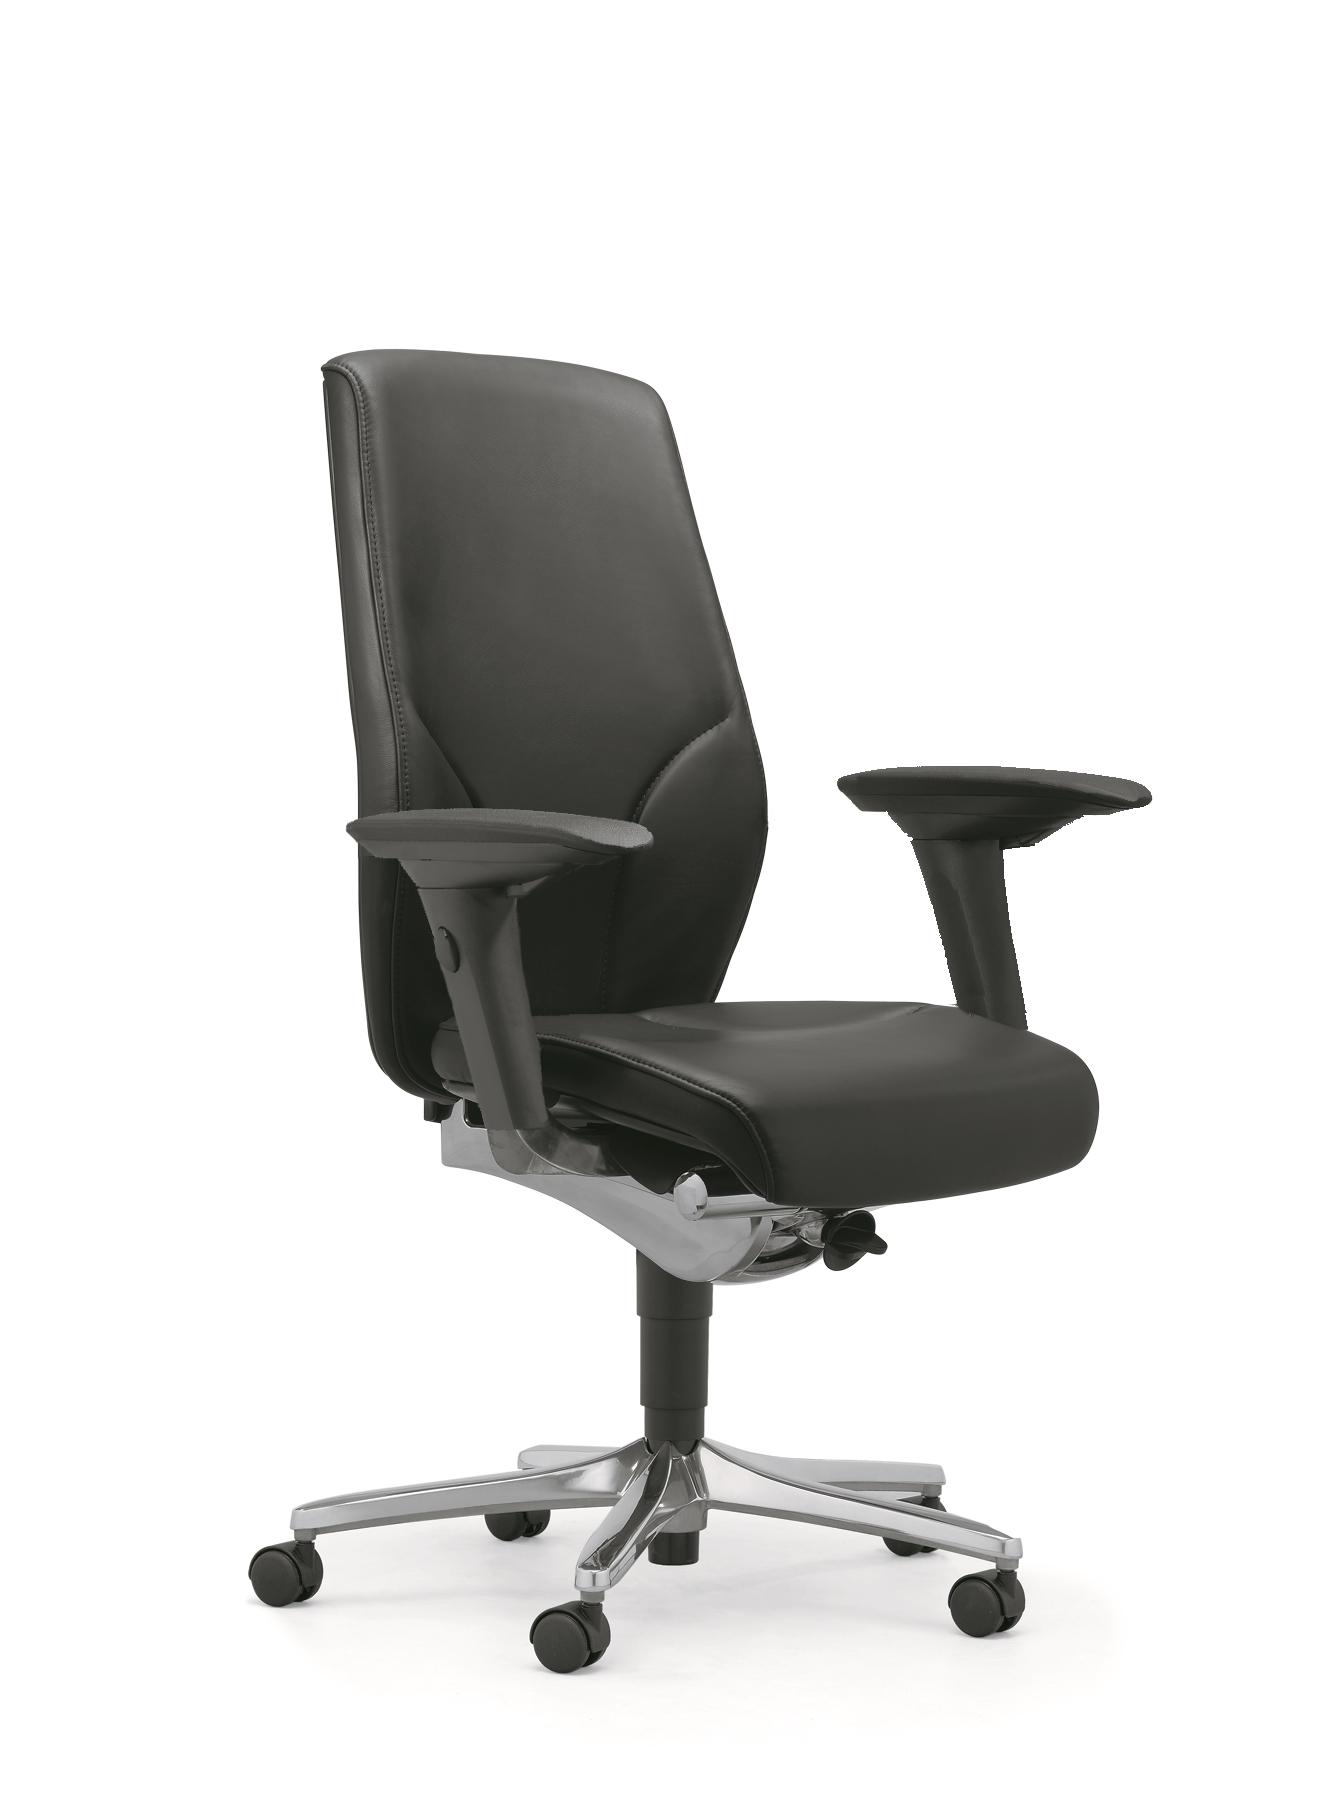 Chaise bureau dos fabulous meilleur fauteuil de bureau siage ergonomique siege pour le dos full - Fauteuil de bureau ergonomique mal de dos ...